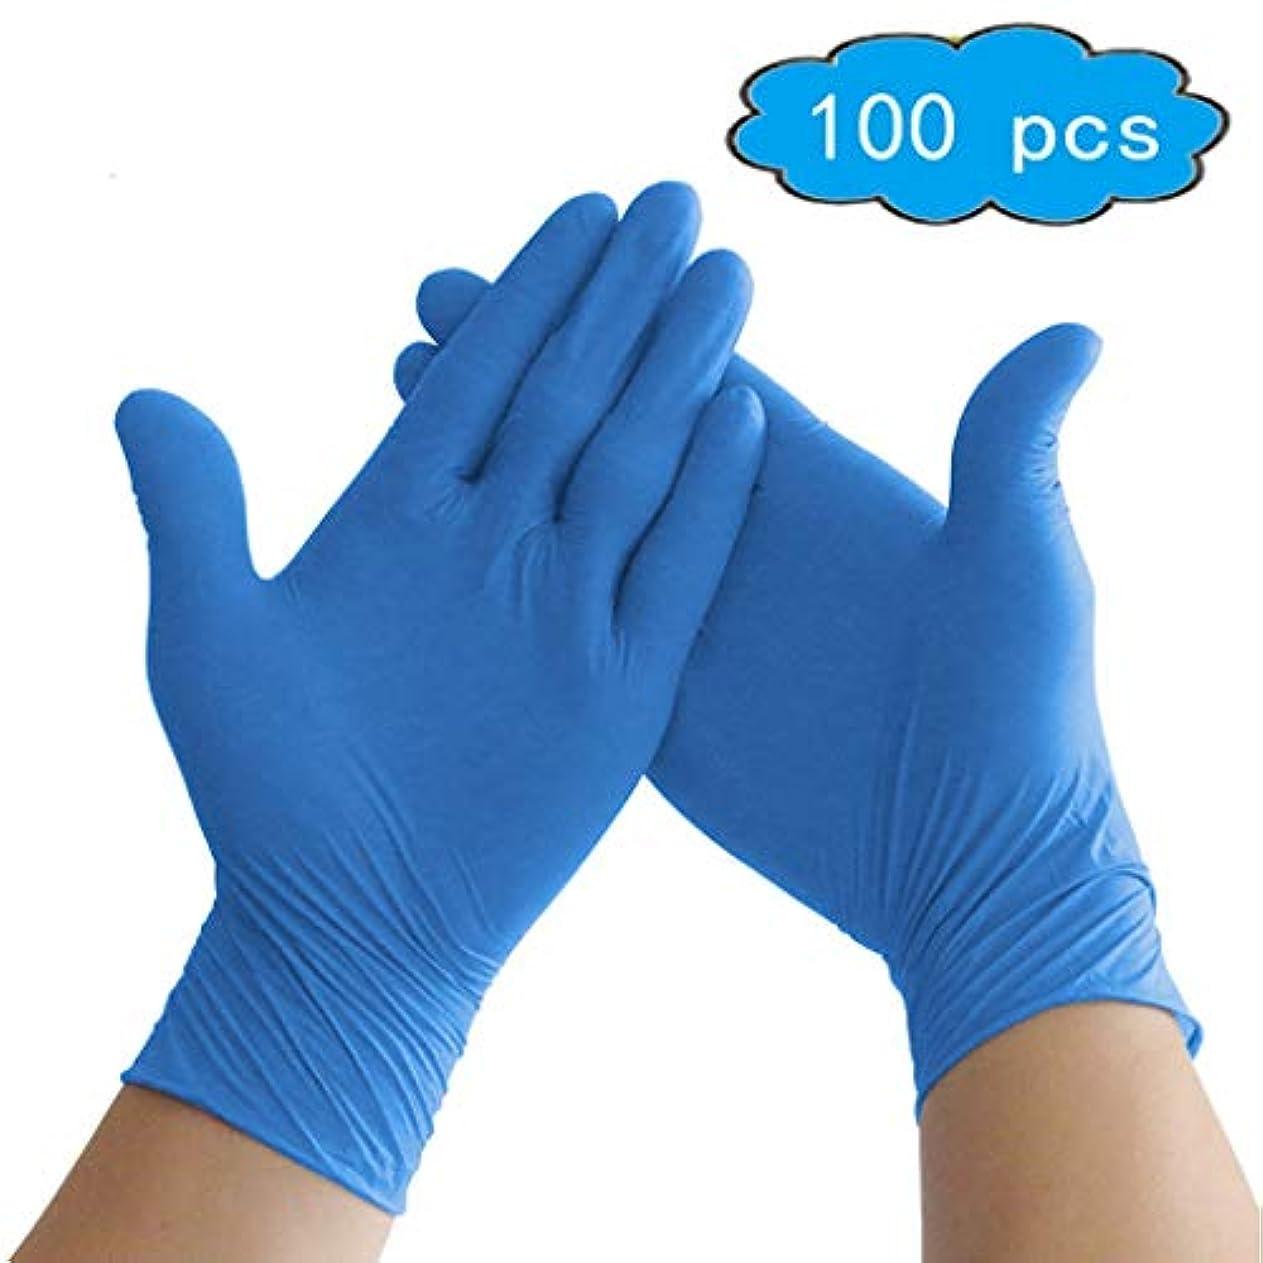 支払うアッティカス曲がったニトリル手袋工業、パウダーフリー、使い捨て、ブルー(100箱)衛生手袋 (Color : Blue, Size : S)